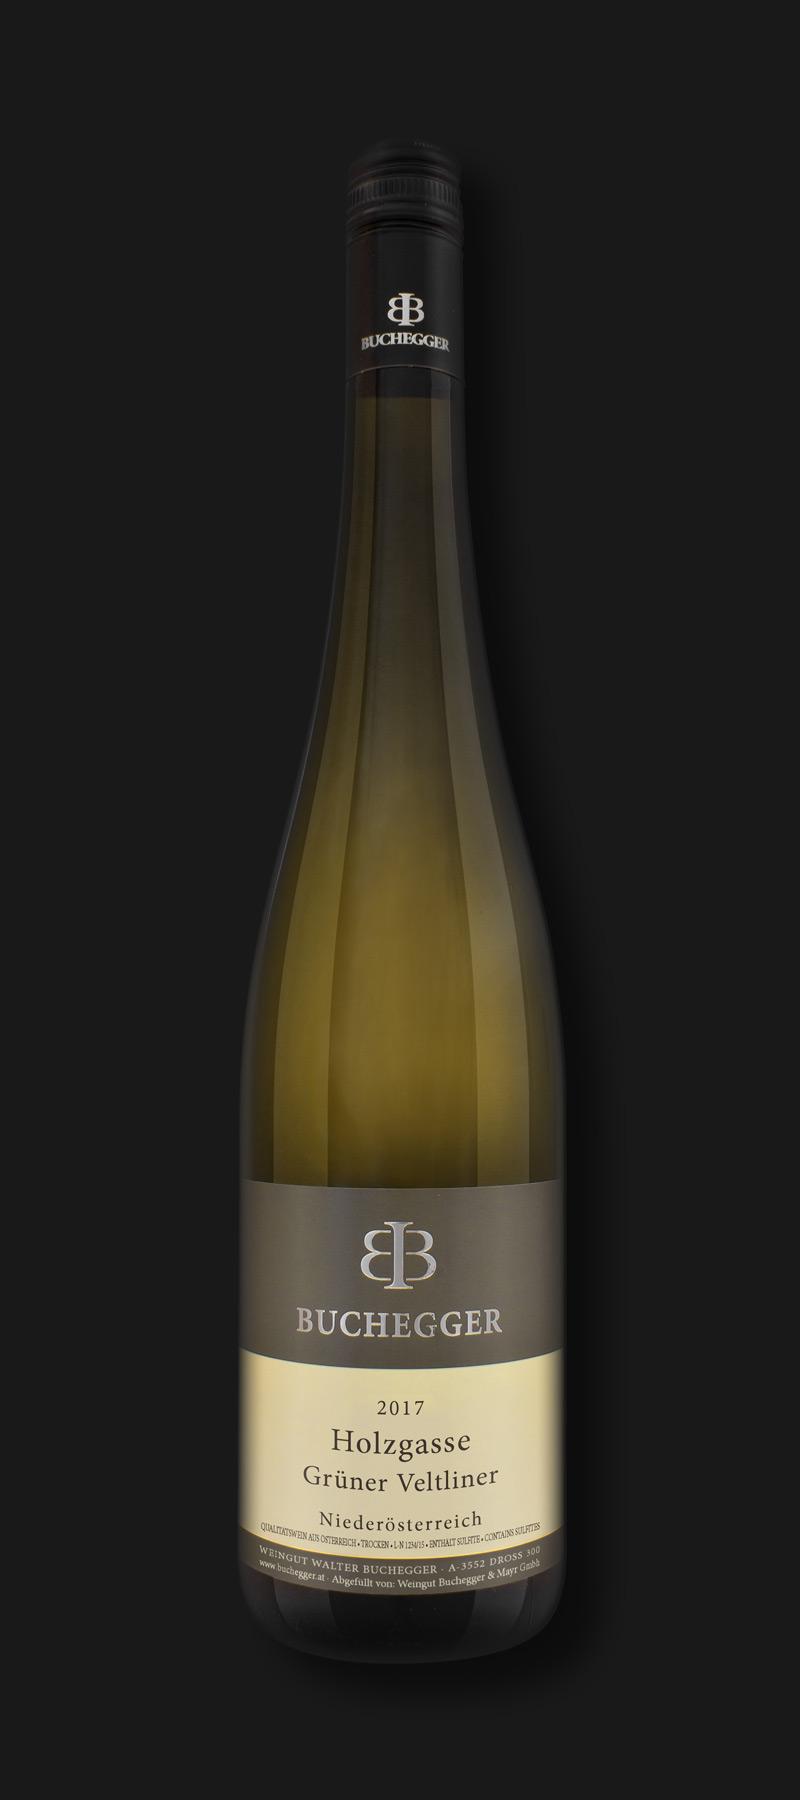 Wein des Monats Grüner Veltliner Buchegger